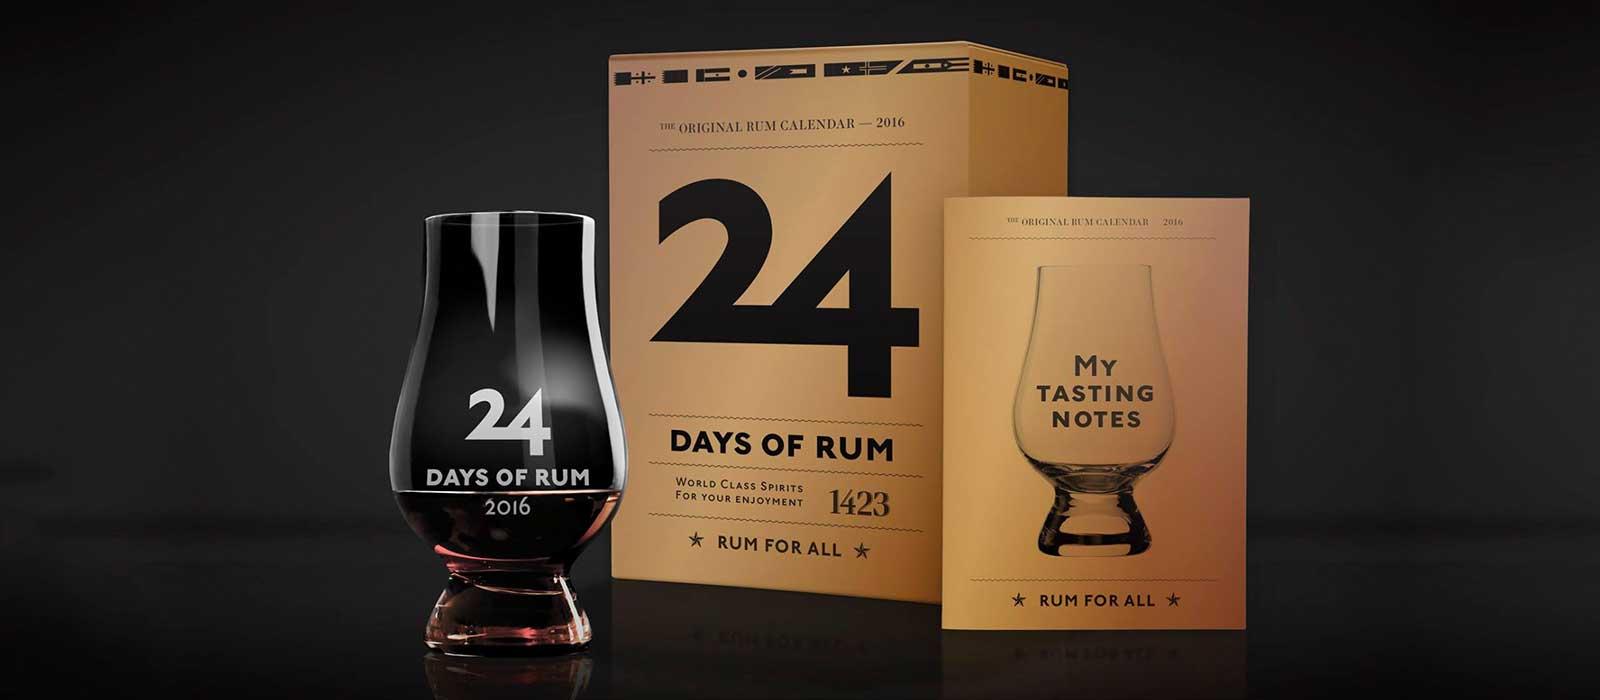 24 Days of Rum 2016